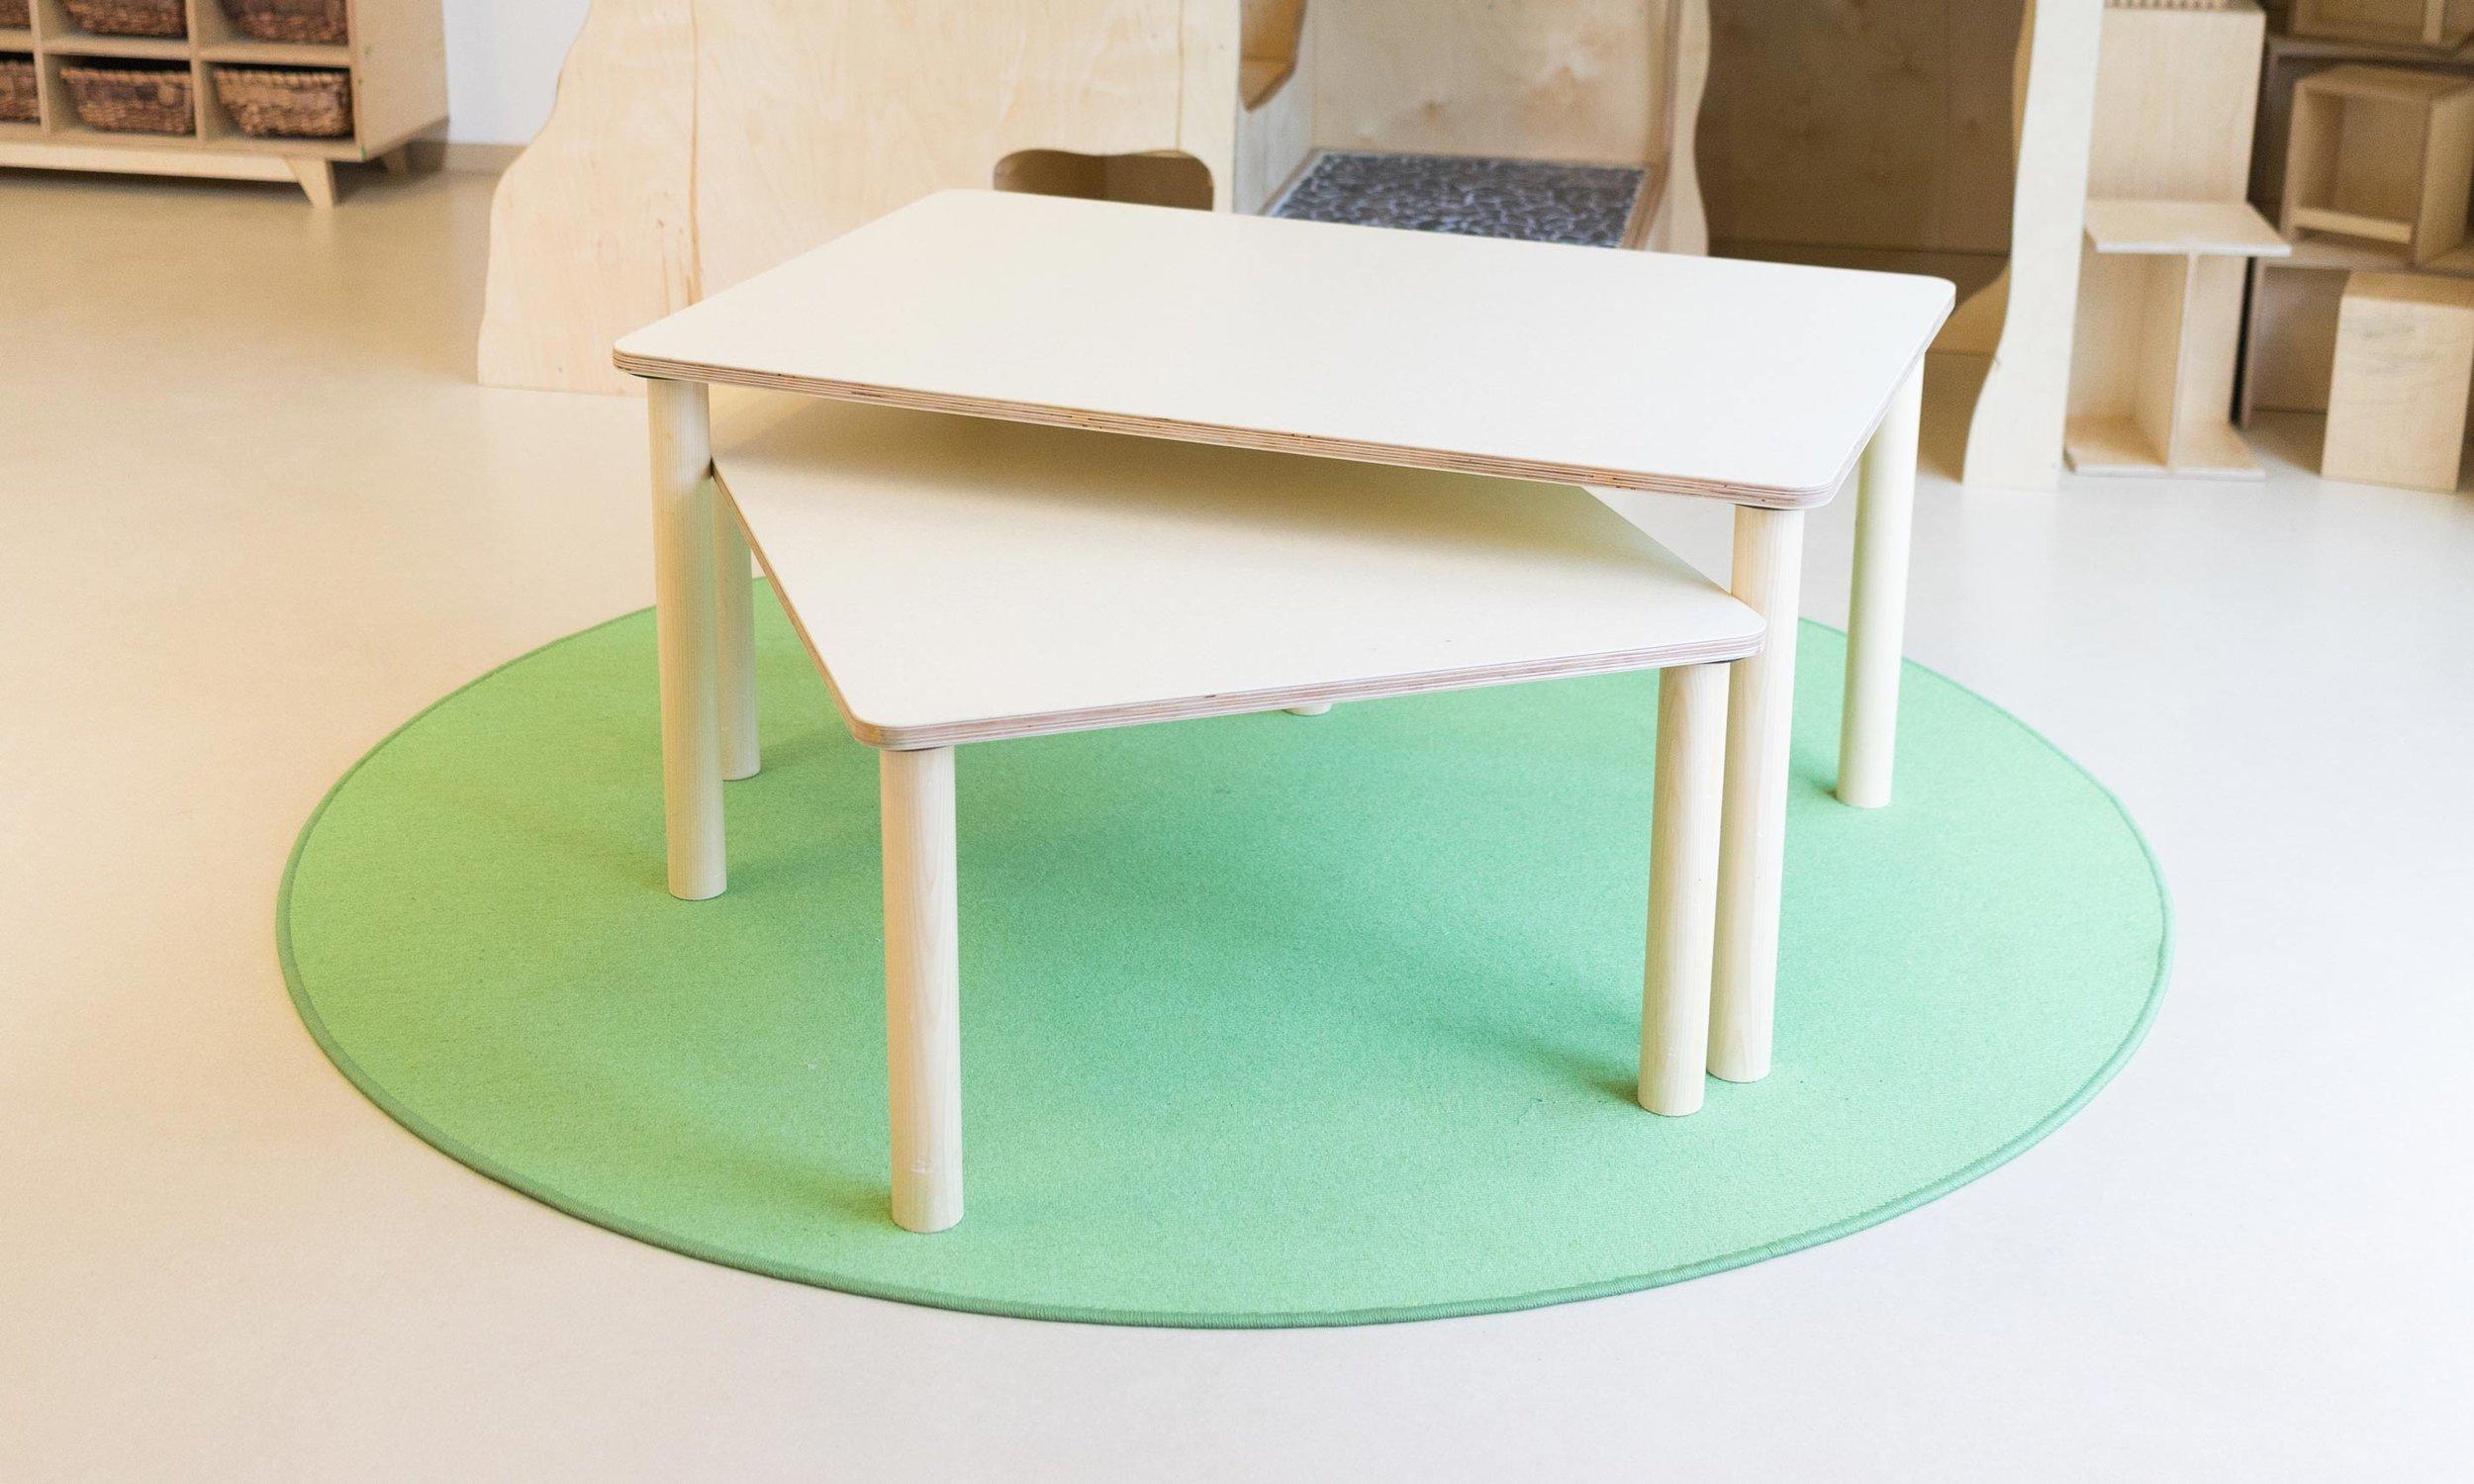 Tisch Krippe und Kita - Kombitisch - Funktionstisch - Mehrzwecktisch - Kita und Schule 02.jpg